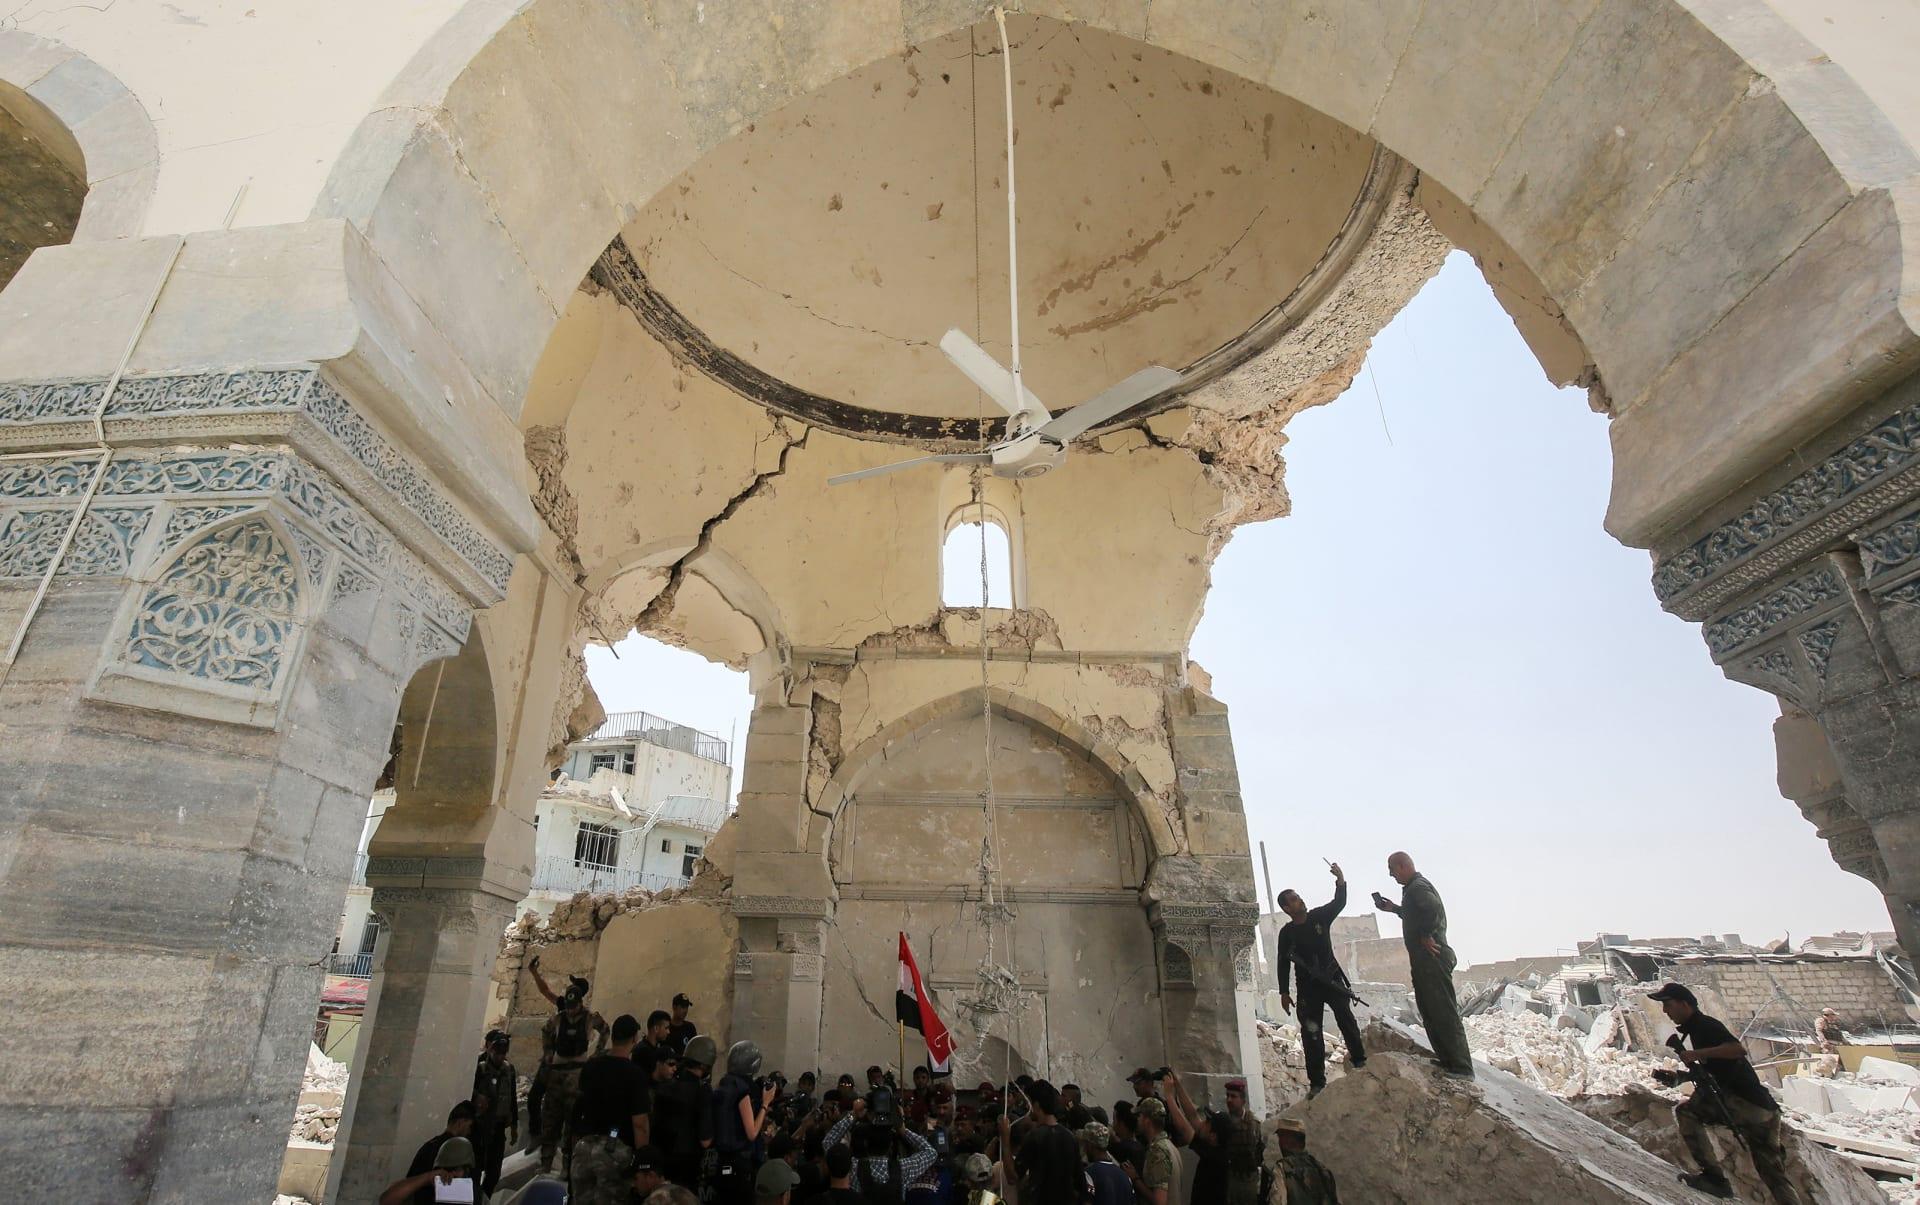 الإمارات تطلق مشروع إعادة بناء مسجد النوري في الموصل